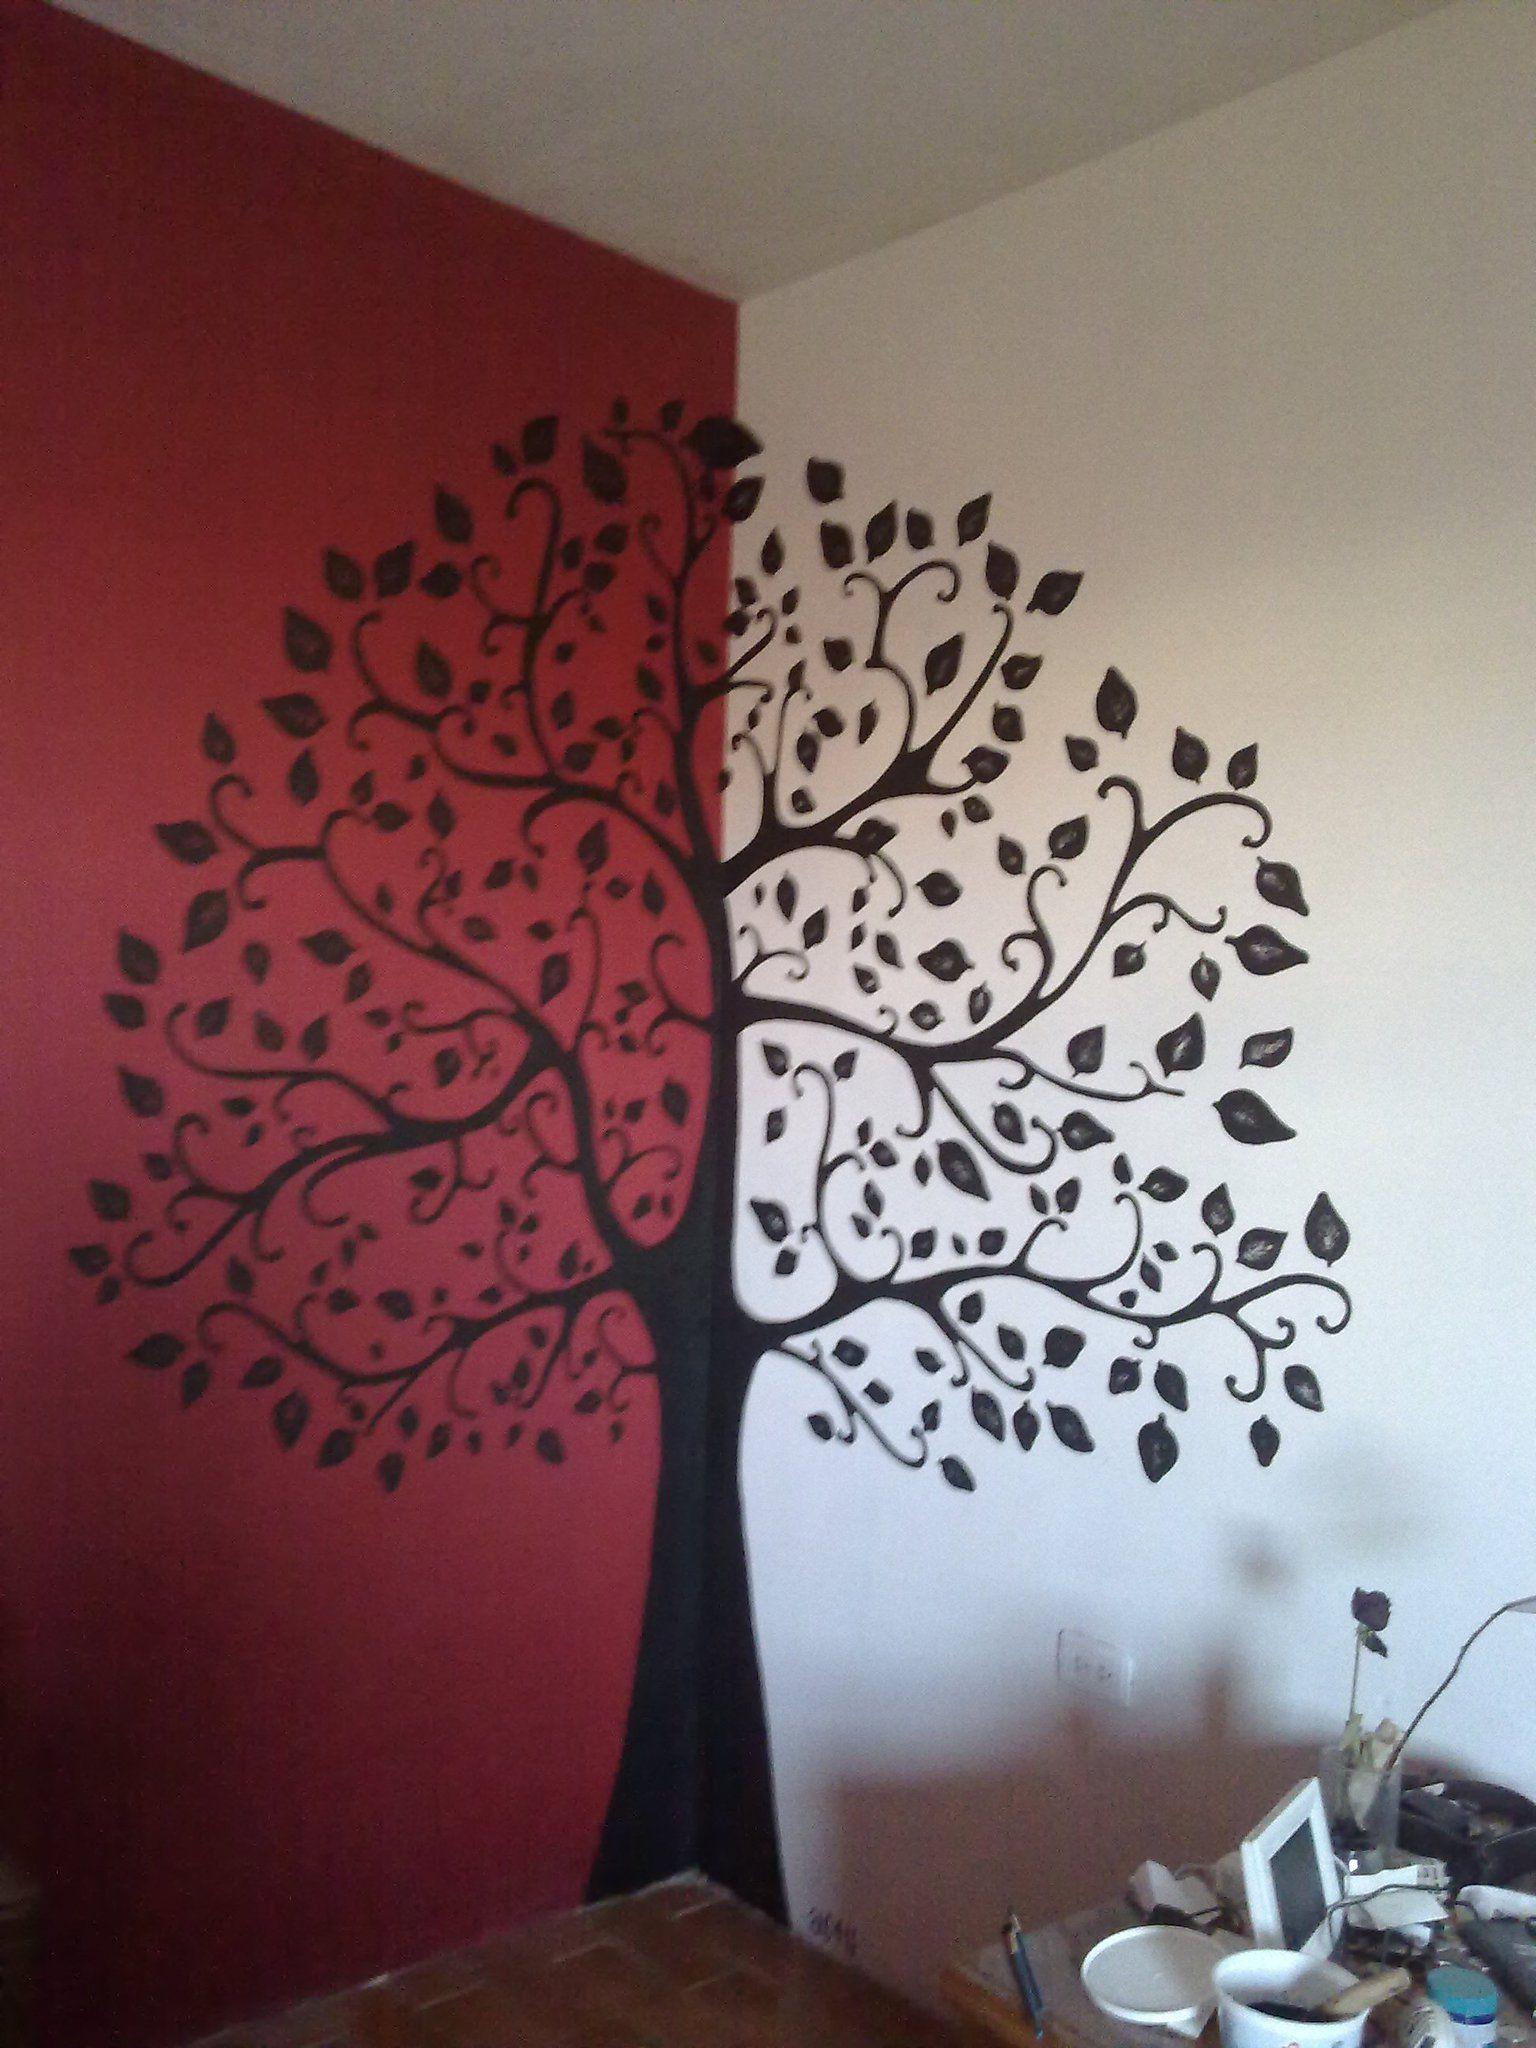 Arbol en la pared decoracion interiores pinterest wall wall murals y wall colors Dibujos para paredes